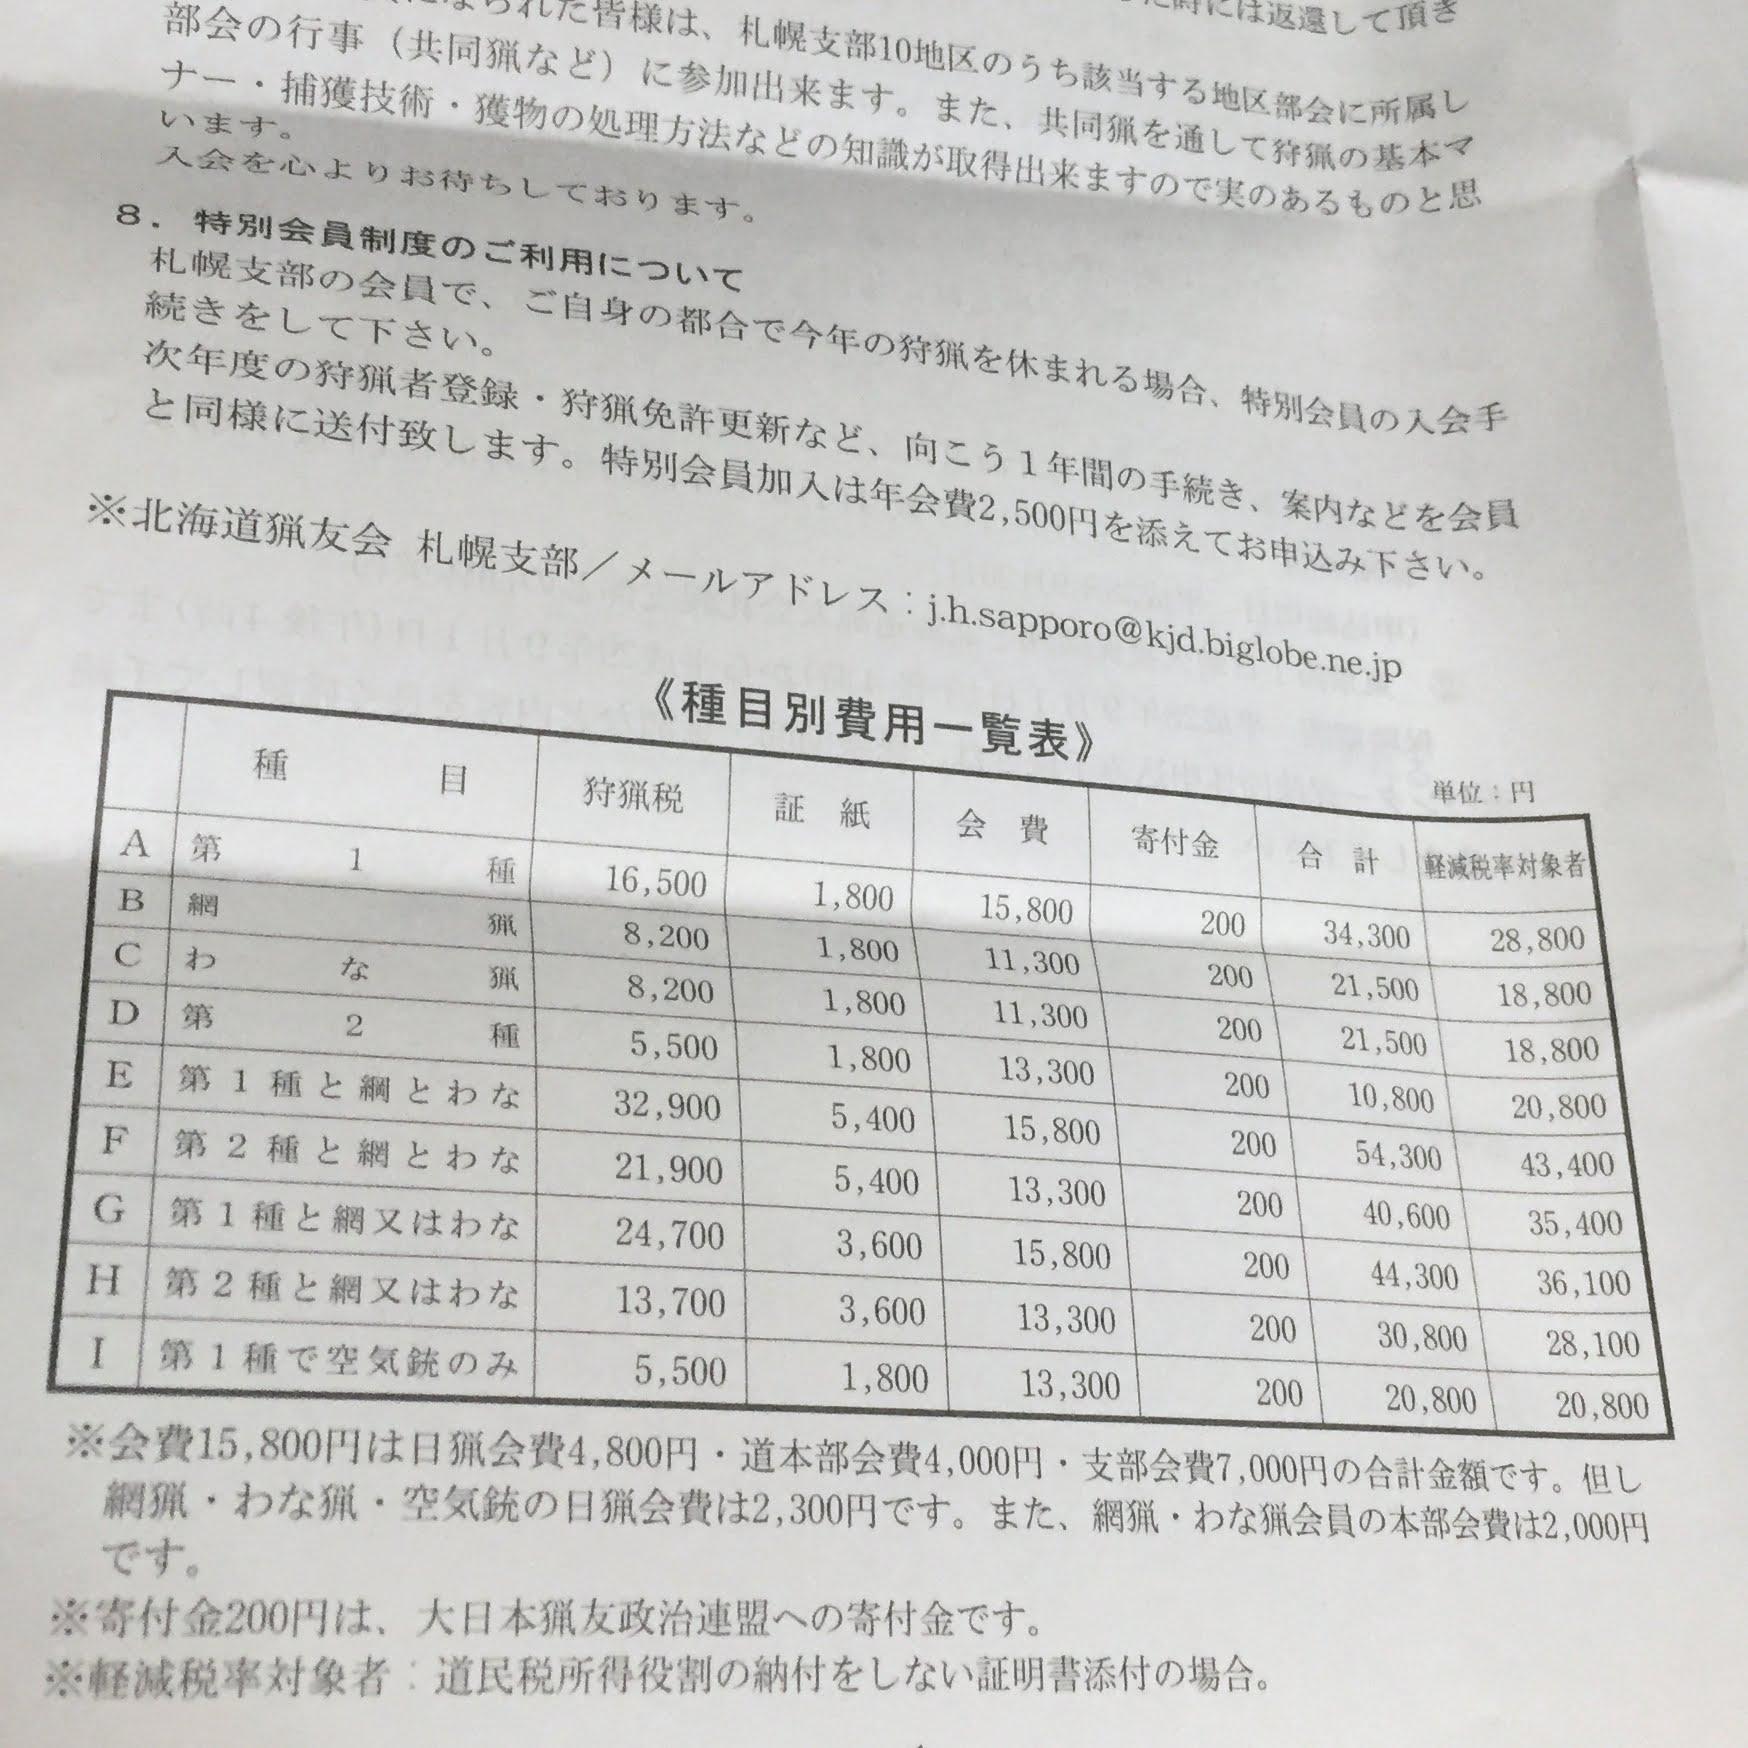 平成28年度種目別費用一覧表[2016年8月]